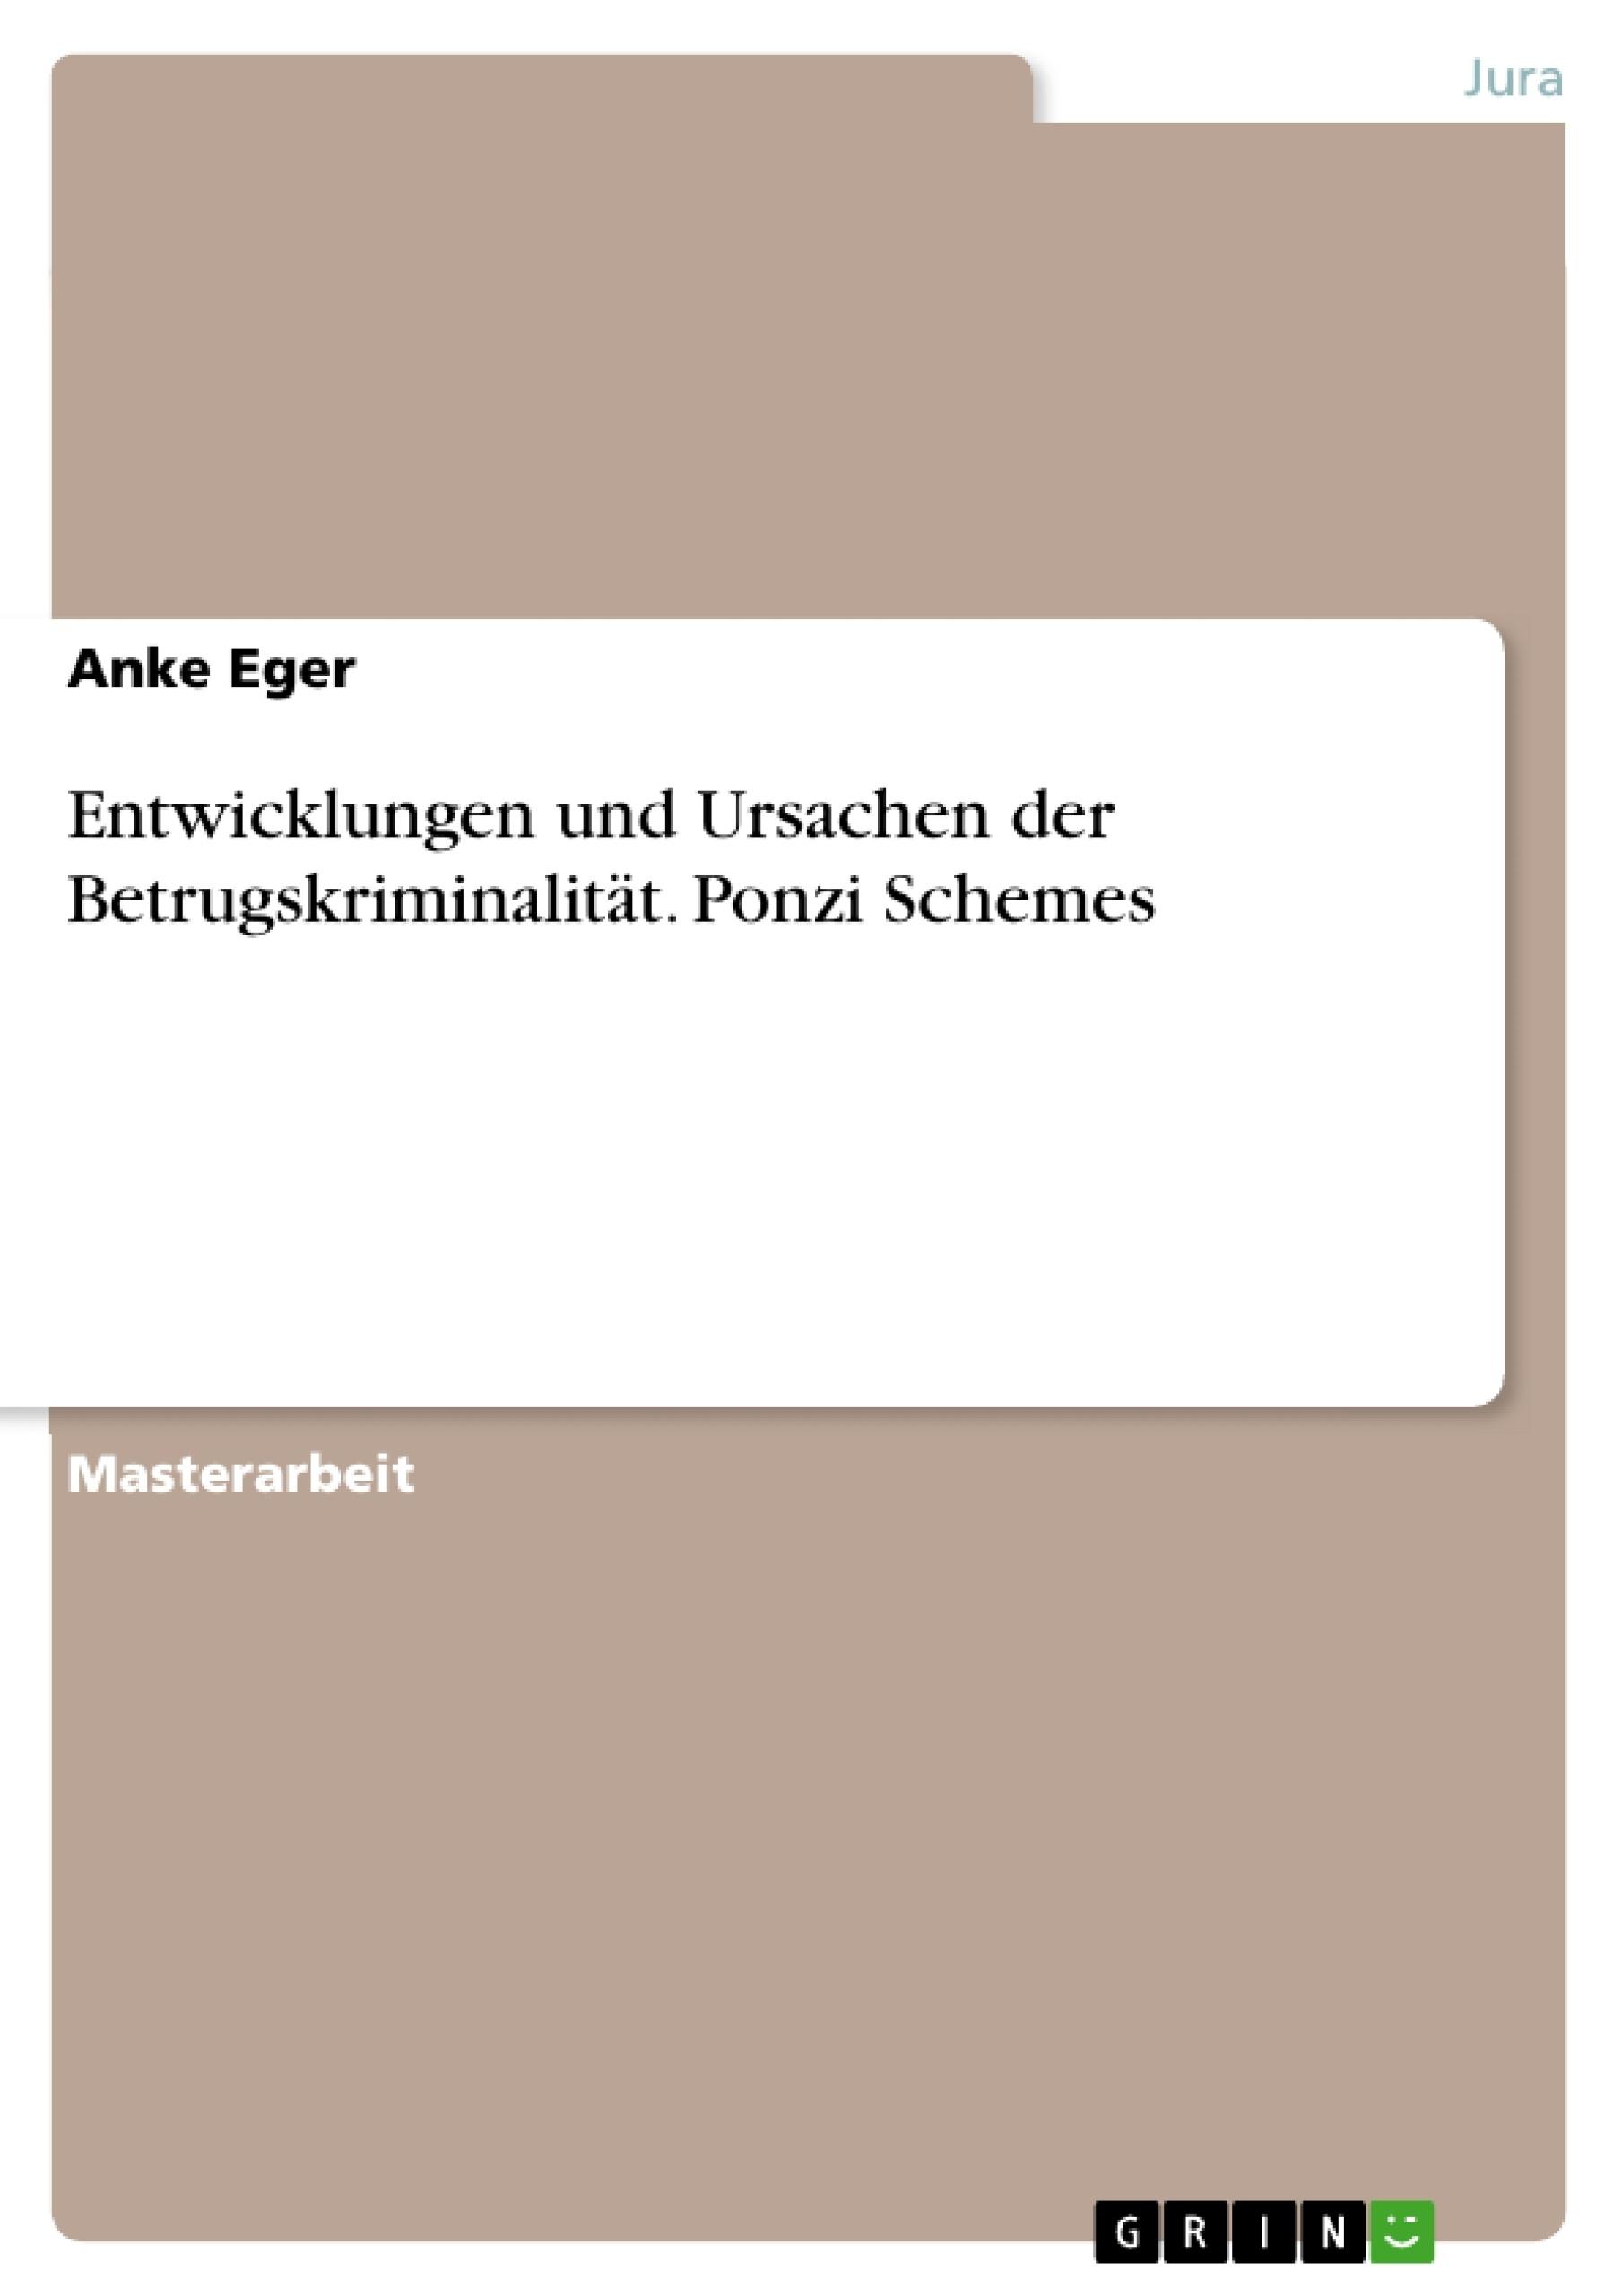 Titel: Entwicklungen und Ursachen der Betrugskriminalität. Ponzi Schemes